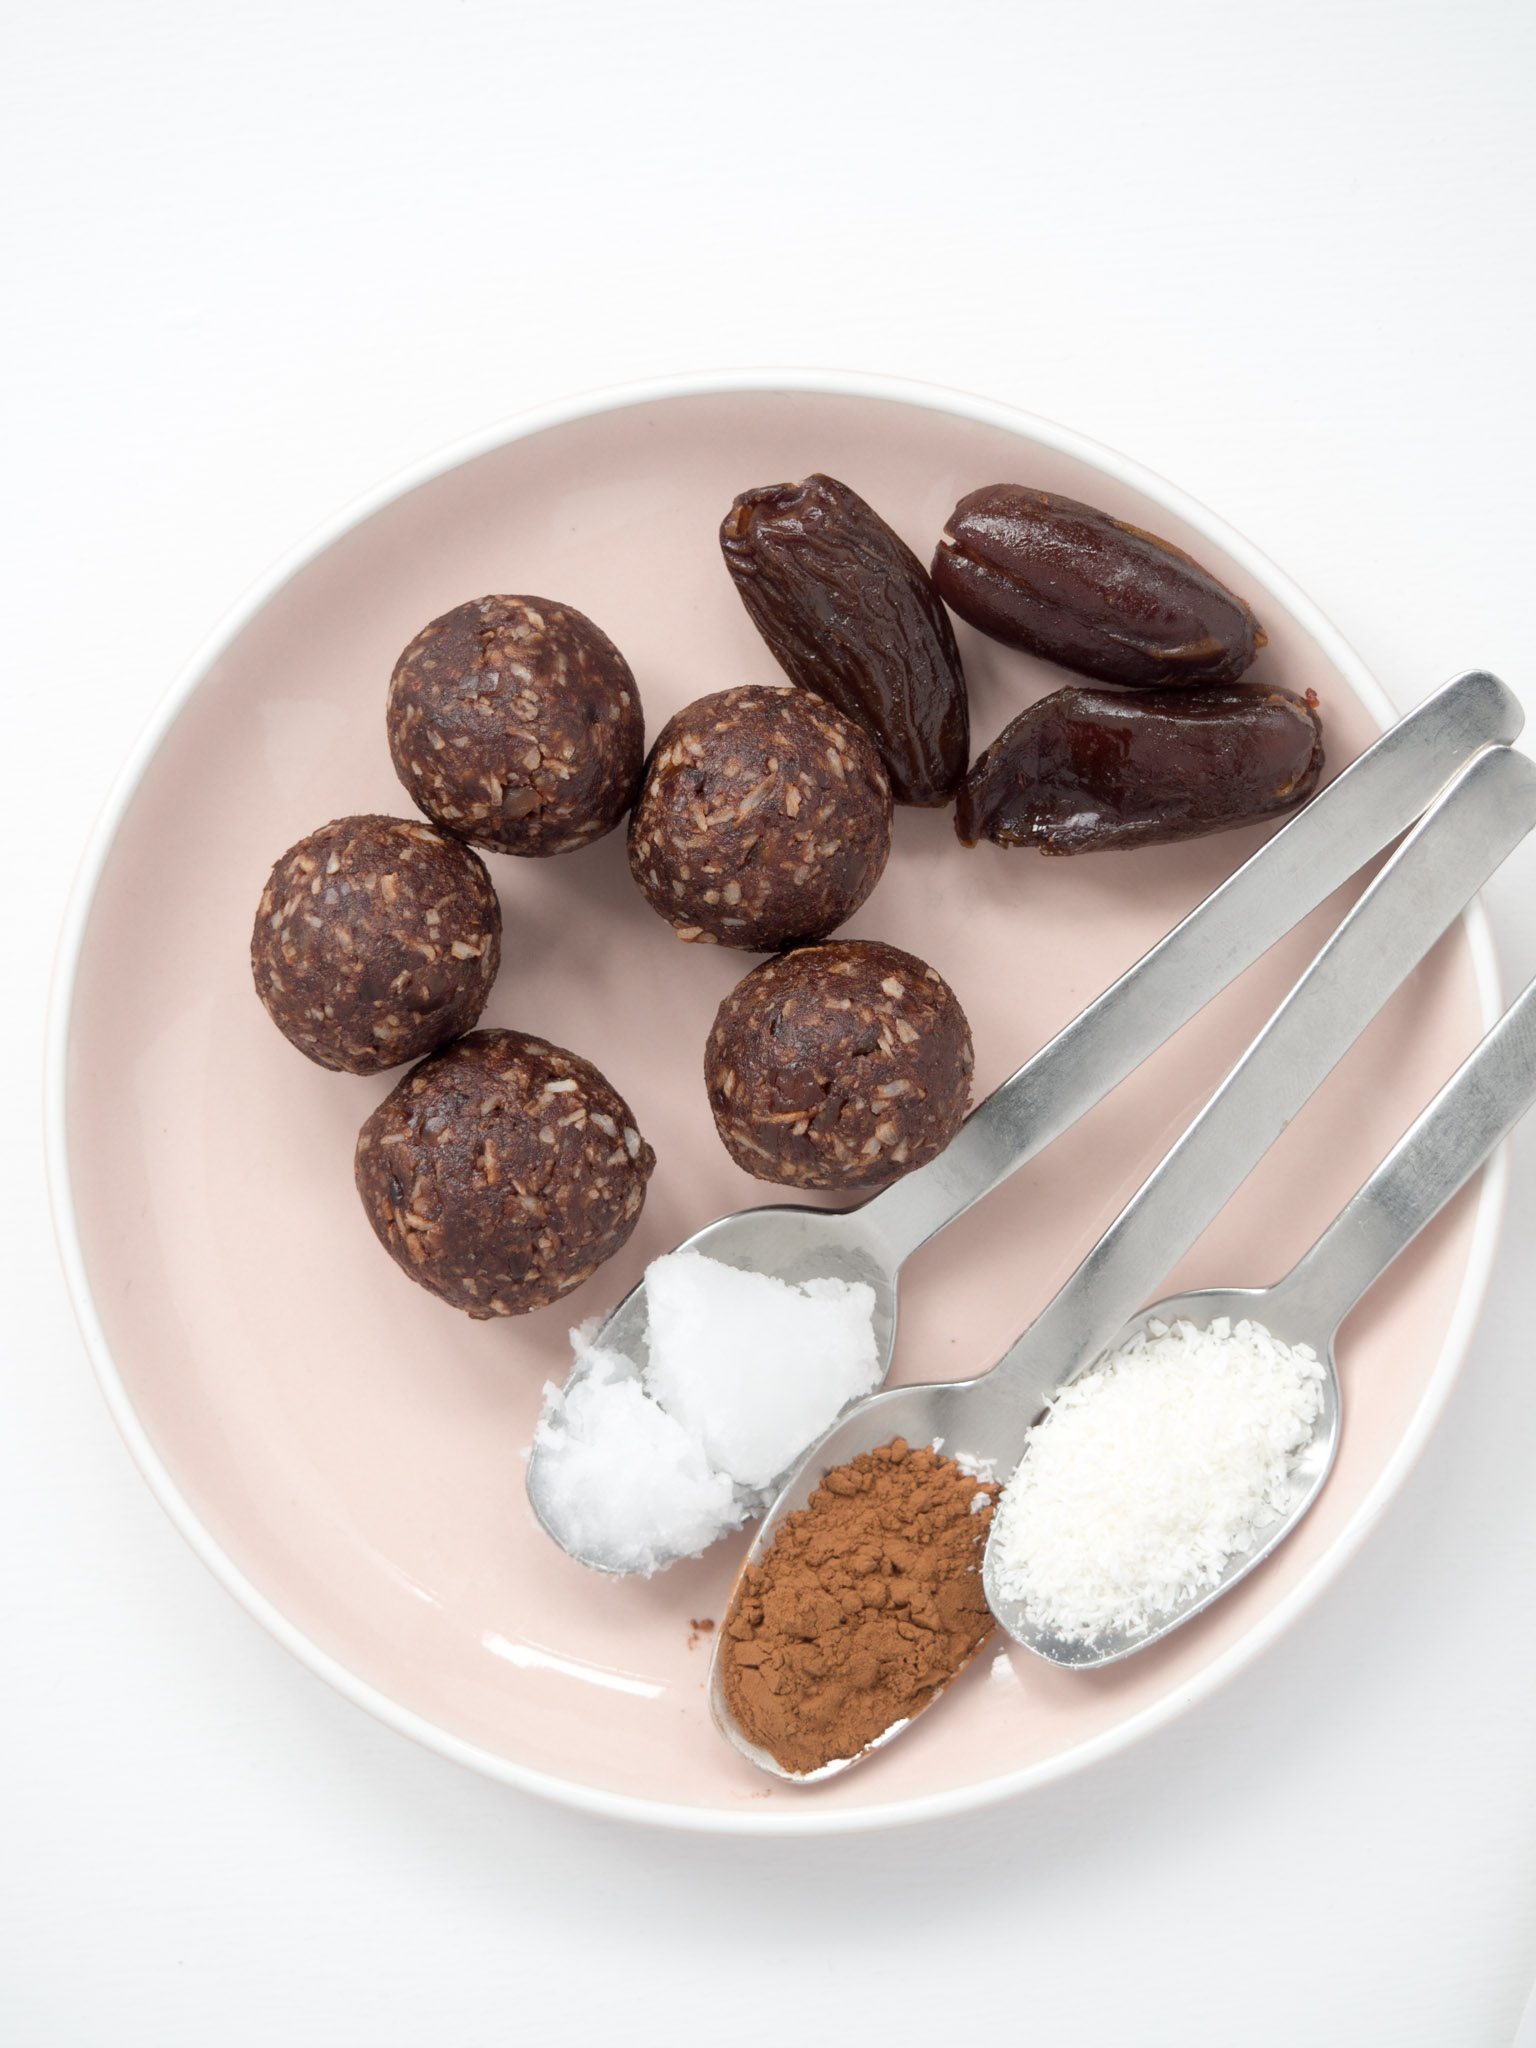 Coco_Cacao_ Bites_4.jpg